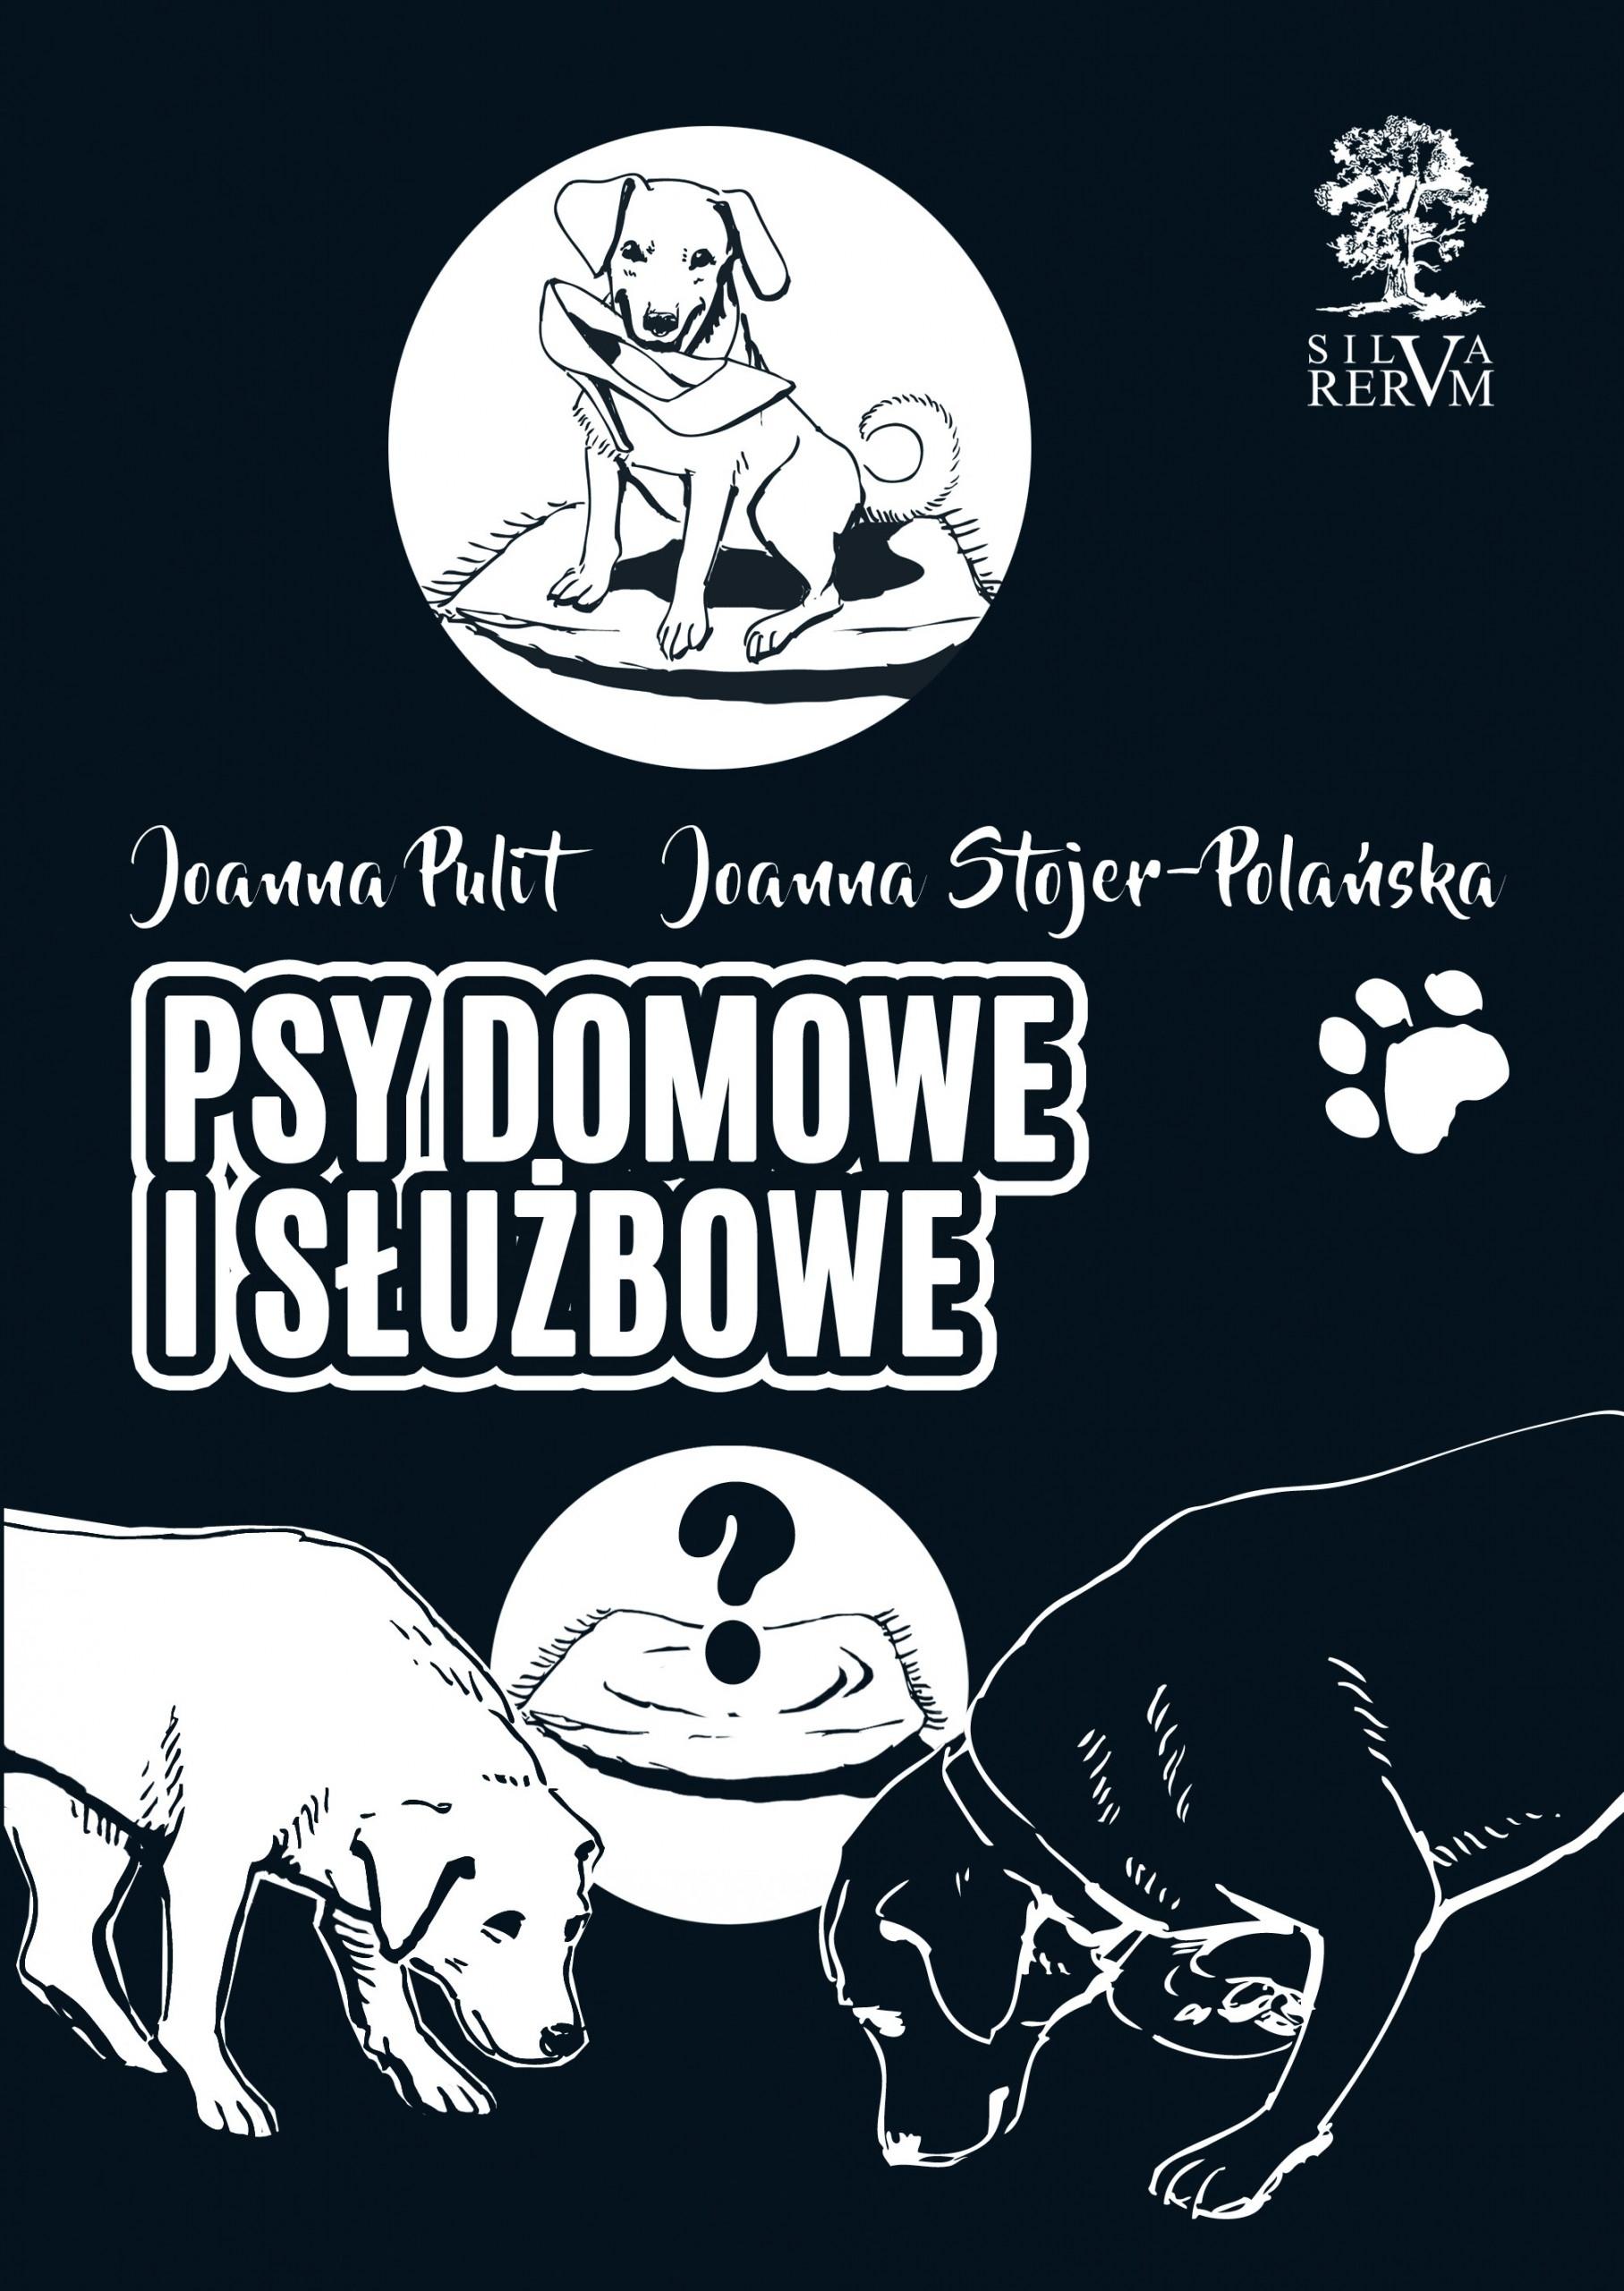 Psy domowe i służbowe, wydanie 2 (wersja kolorowa)